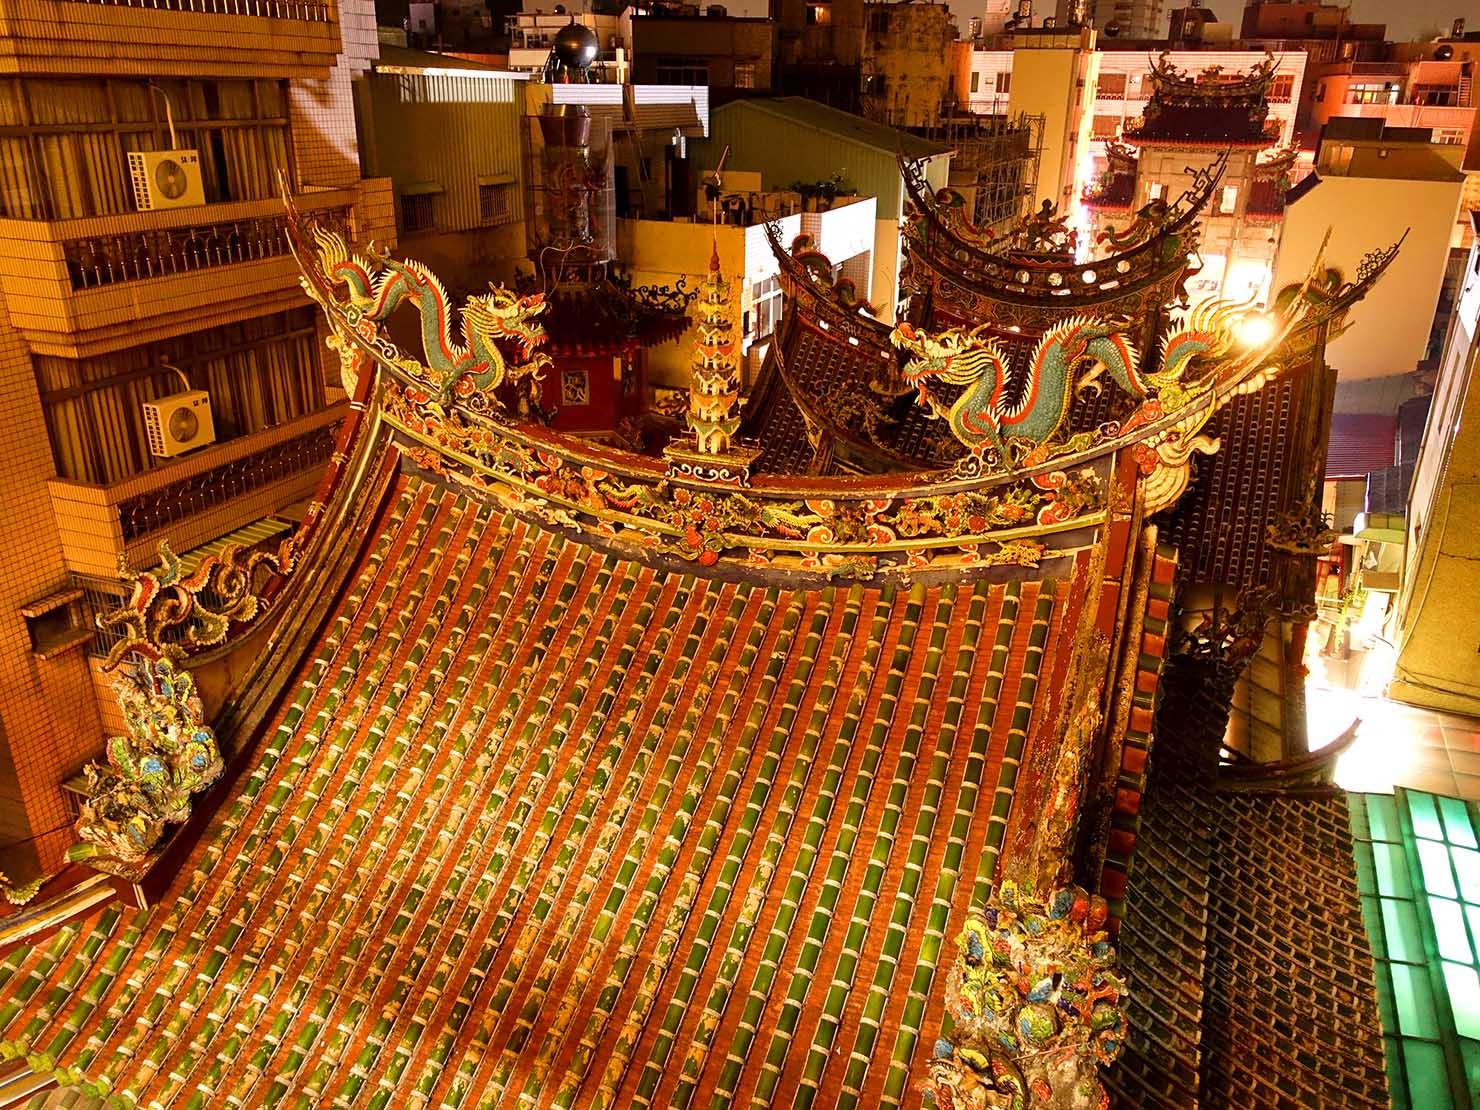 嘉義のおすすめ観光スポット「嘉義城隍廟」の屋根